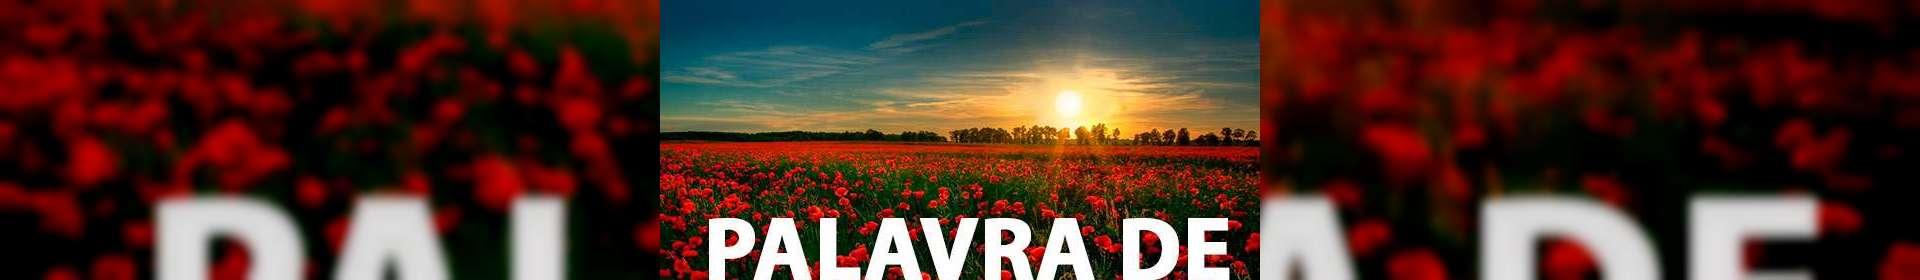 Salmos 113:3 - Uma Palavra de Esperança para sua vida